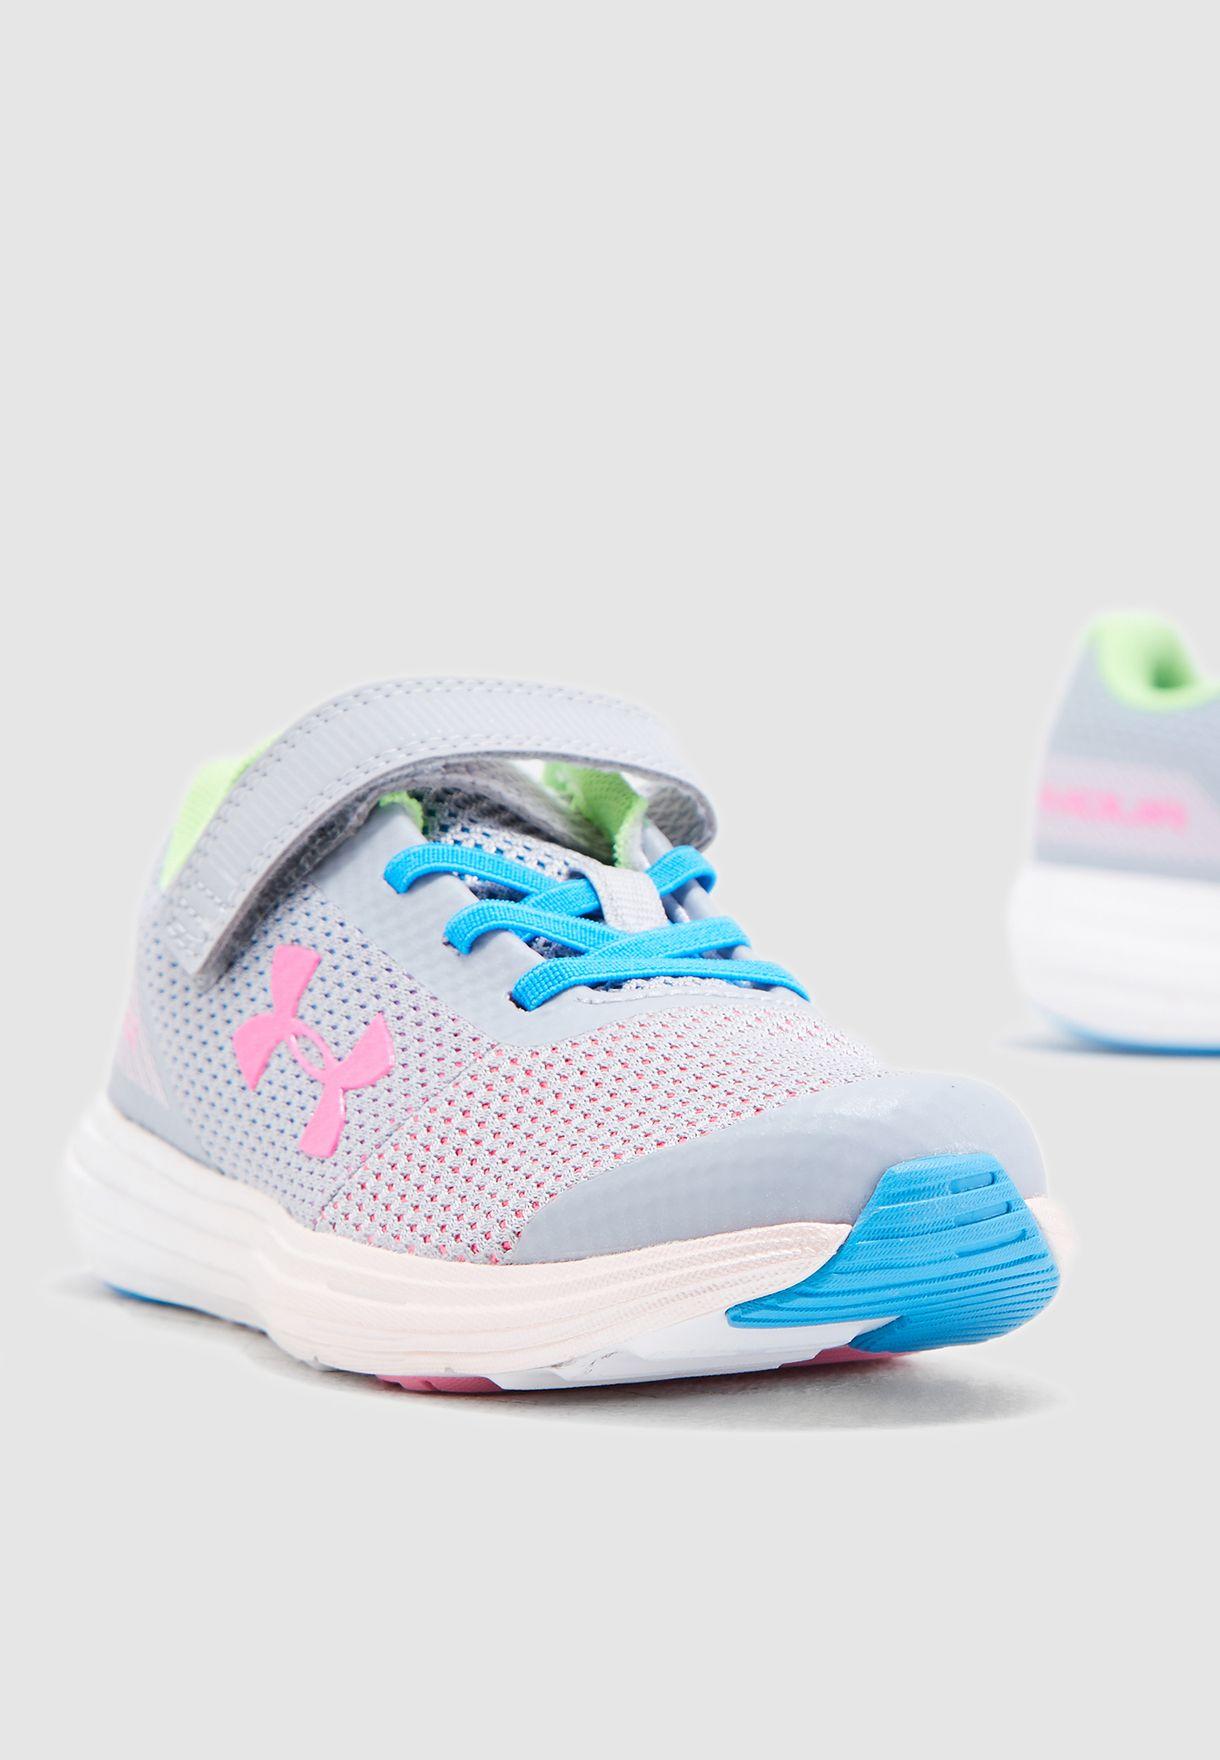 separation shoes 7913f 1ca93 Shop Under Armour multicolor Kids Surge RN Prism AC 3021175-101 for ...